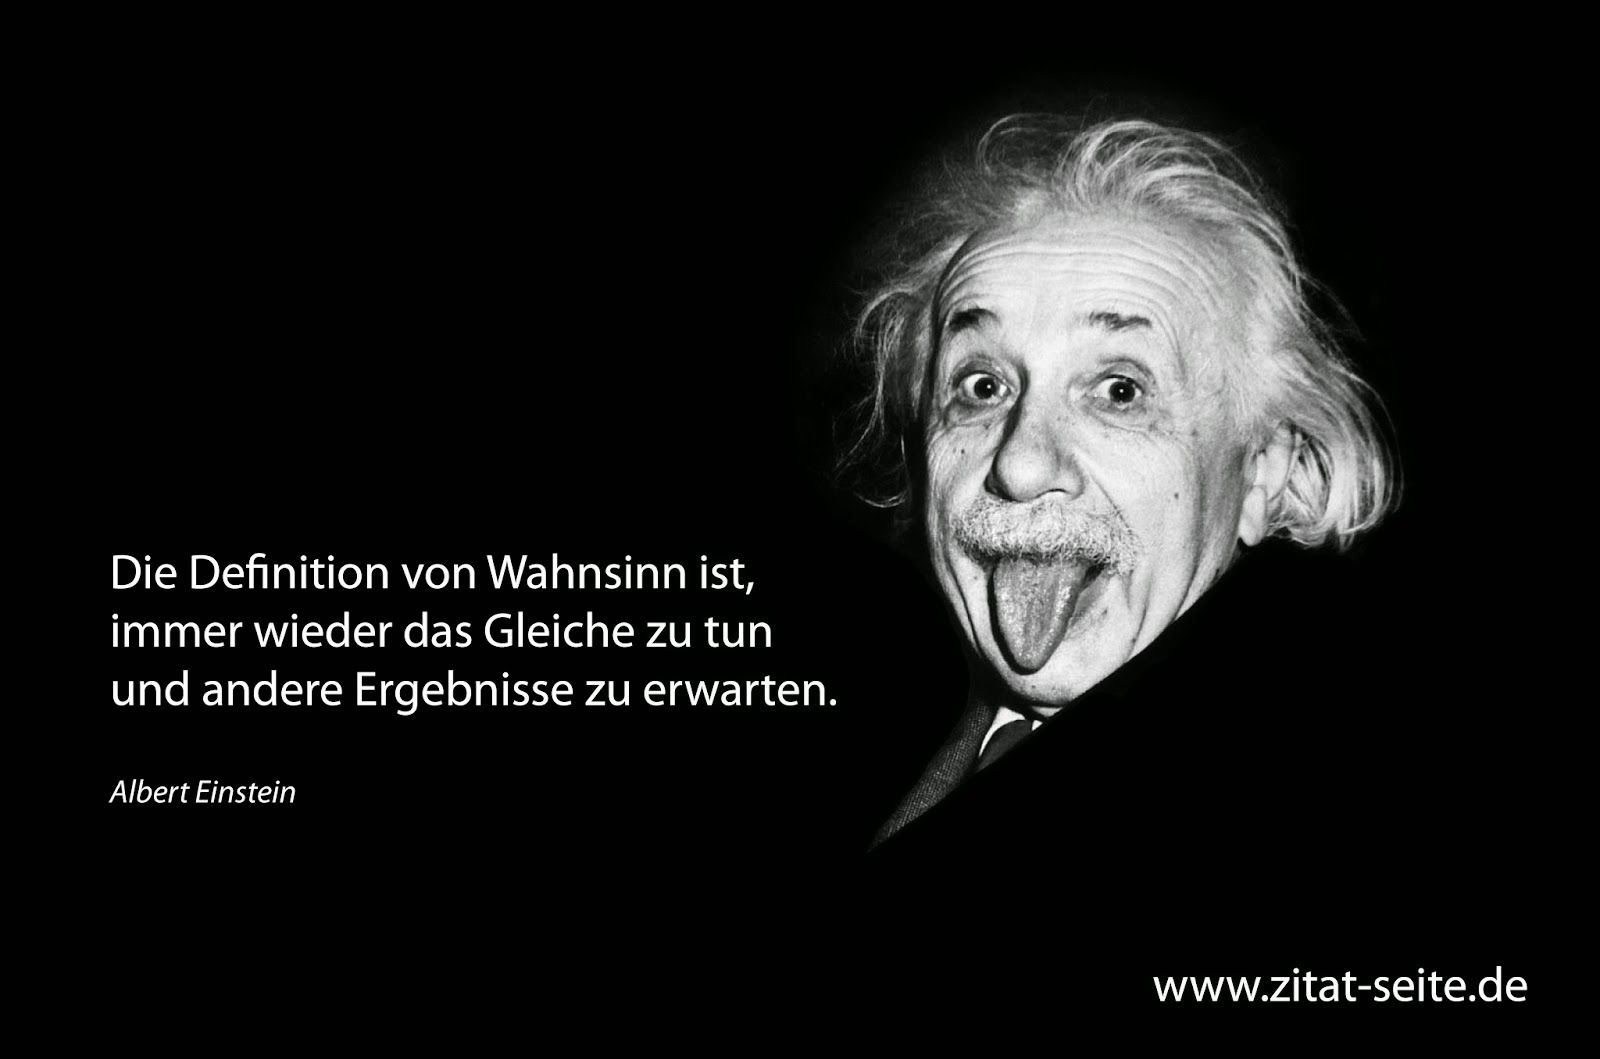 Politik Aktuell Seite 4 Einstein Zitate Albert Einstein Zitate Zitate Von Albert Einstein